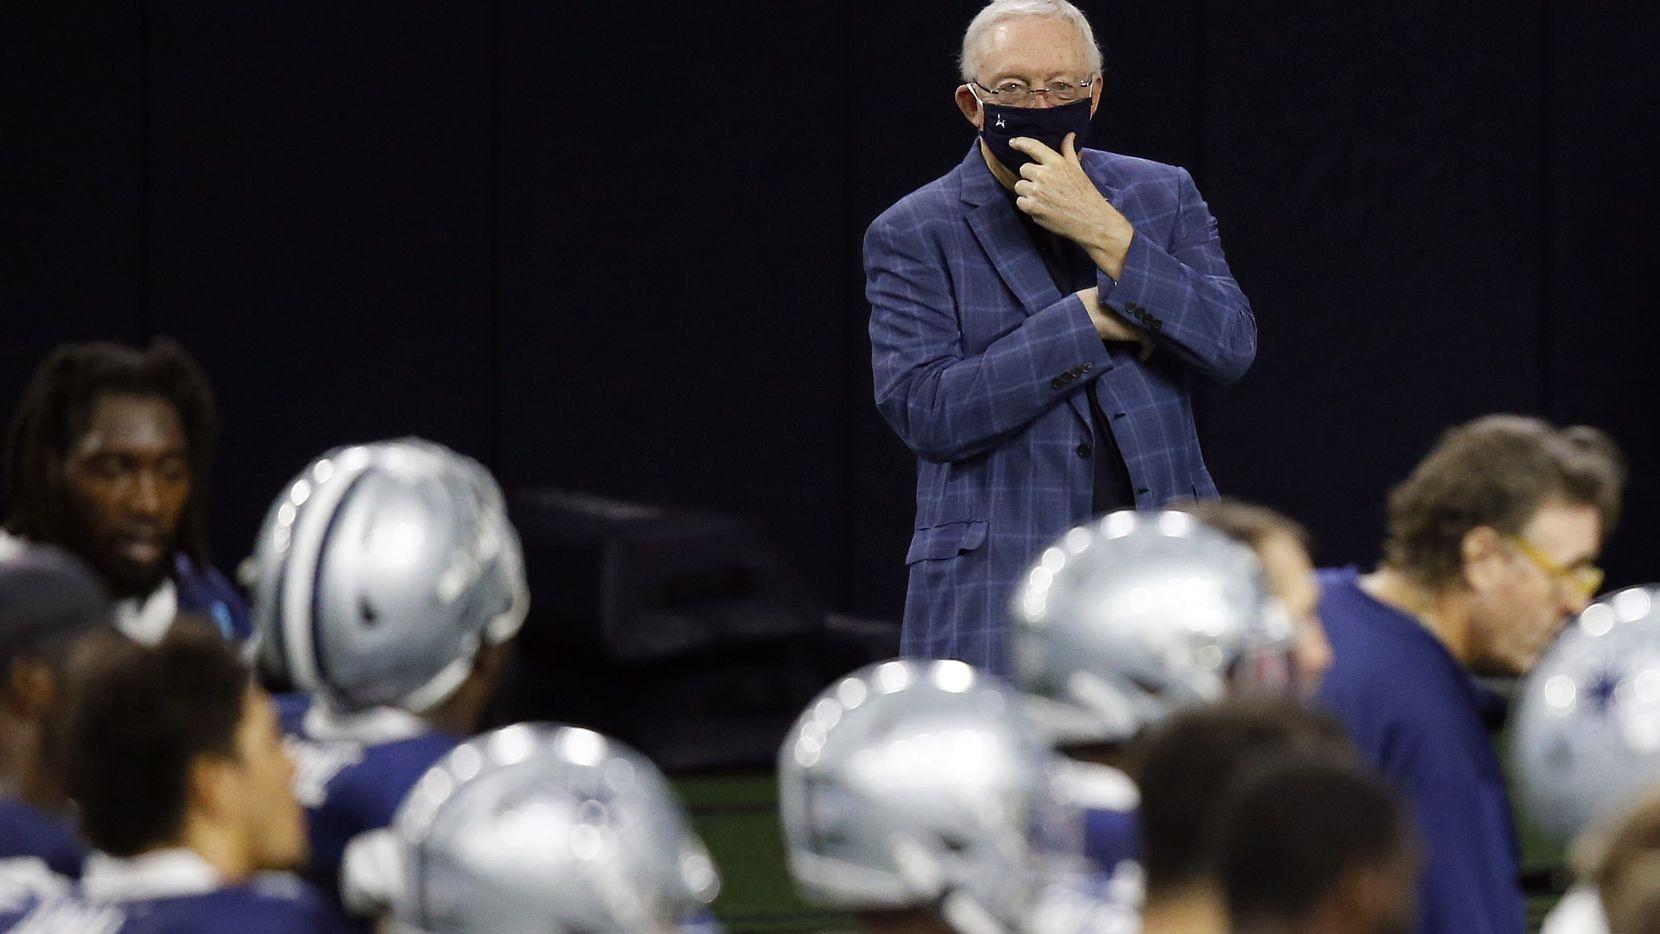 El dueño de los Dallas Cowboys, Jerry Jones, observa una práctica de su equipo el 25 de agosto de 2020 en The Star de Frisco.